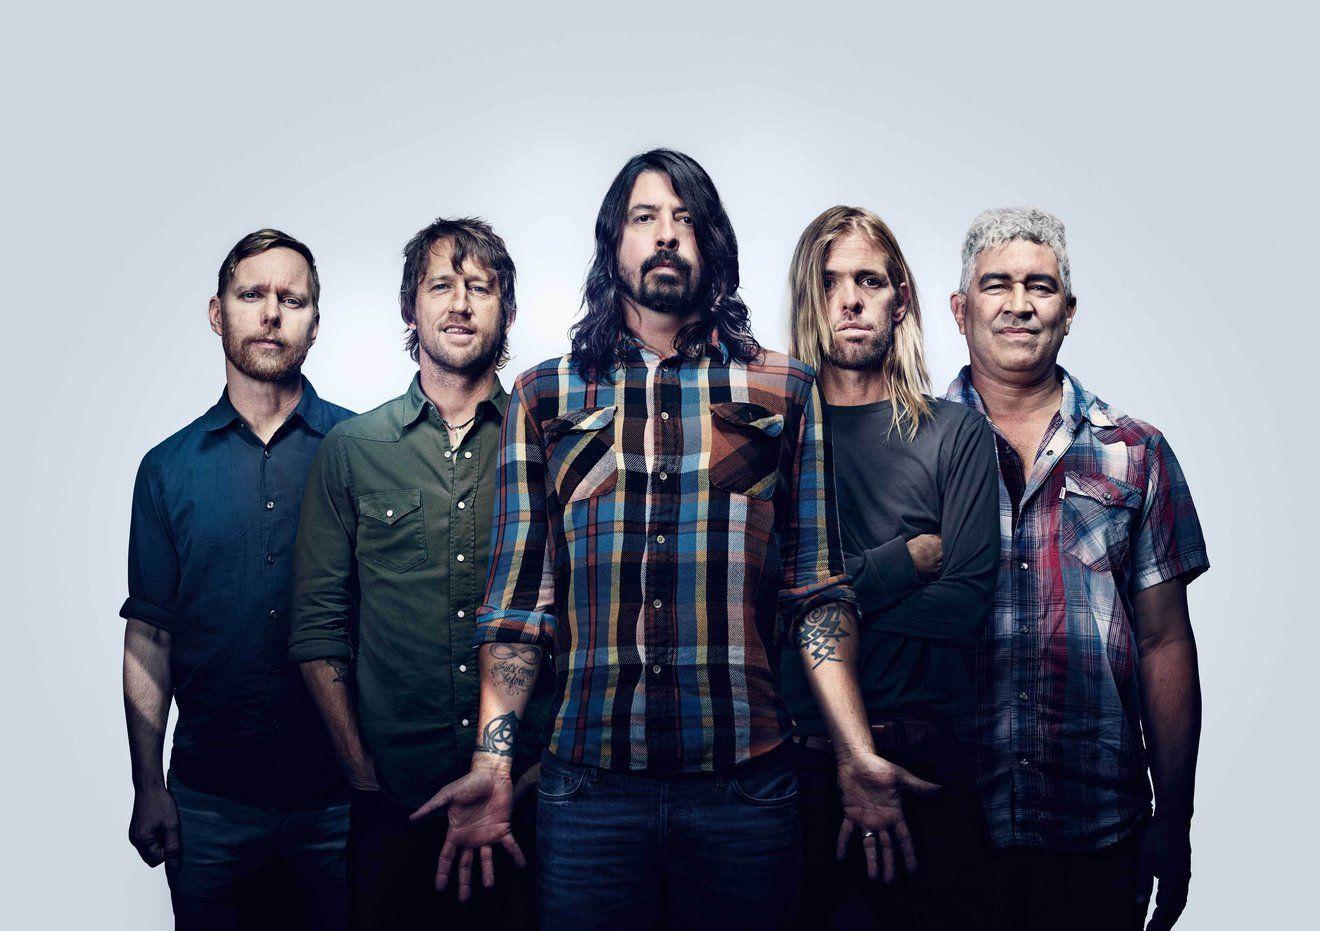 Aparte de Dave Grohl, ¿quiénes integran la banda actualmente?